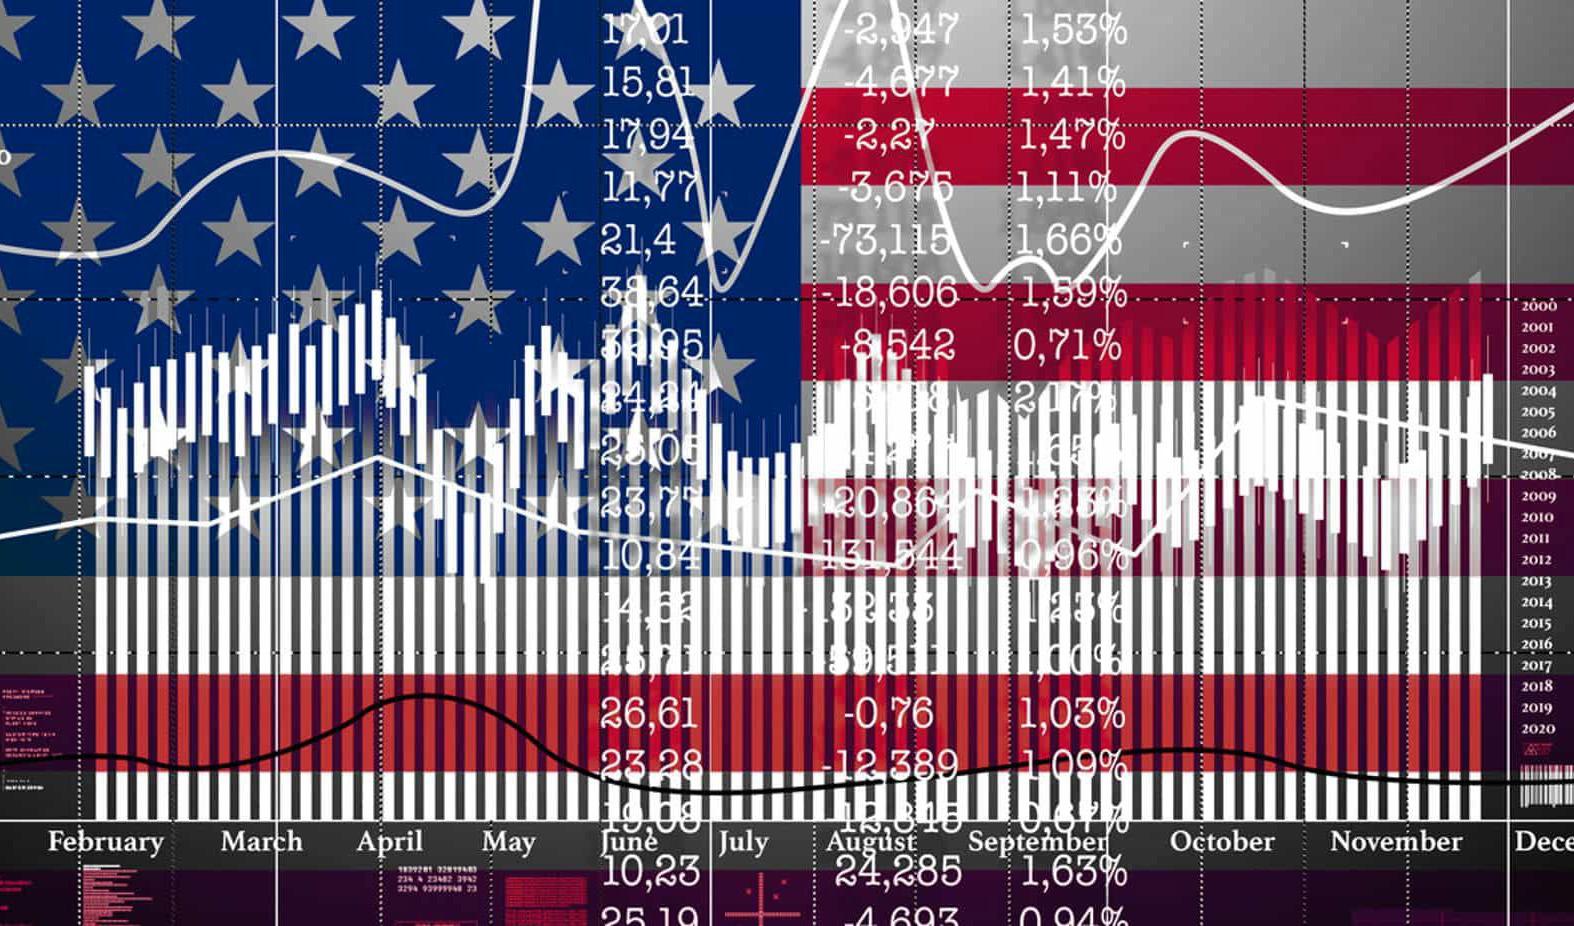 اثر جنگ تعرفهای بر تجارت آمریکا